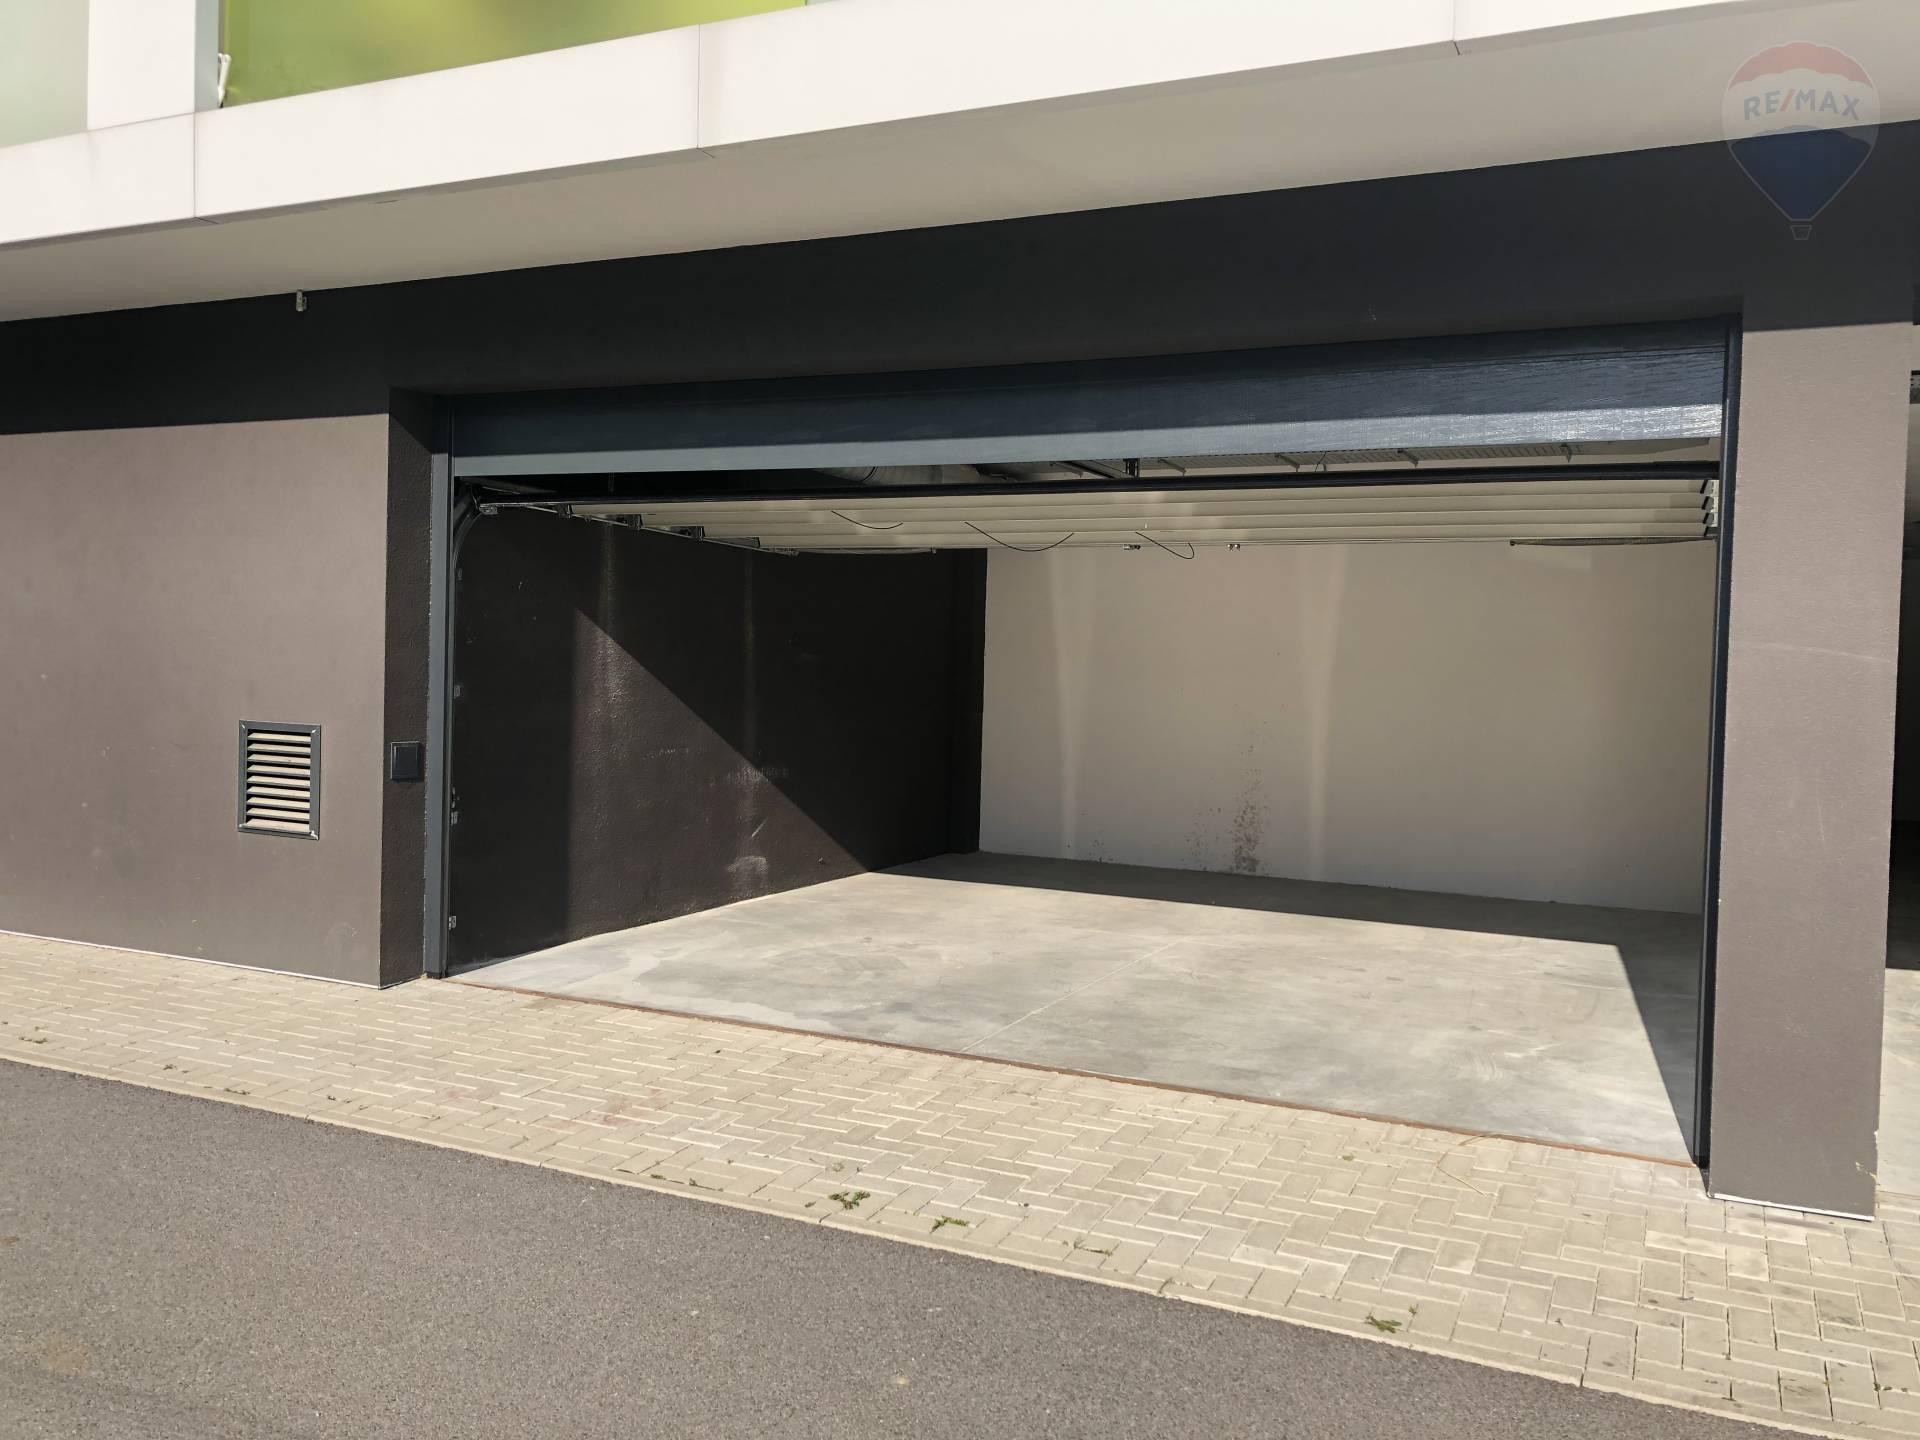 Predaj garáže 32 m2, Martin - NA PREDAJ: dvojgaráž Malá Hora, Dušan Stančík